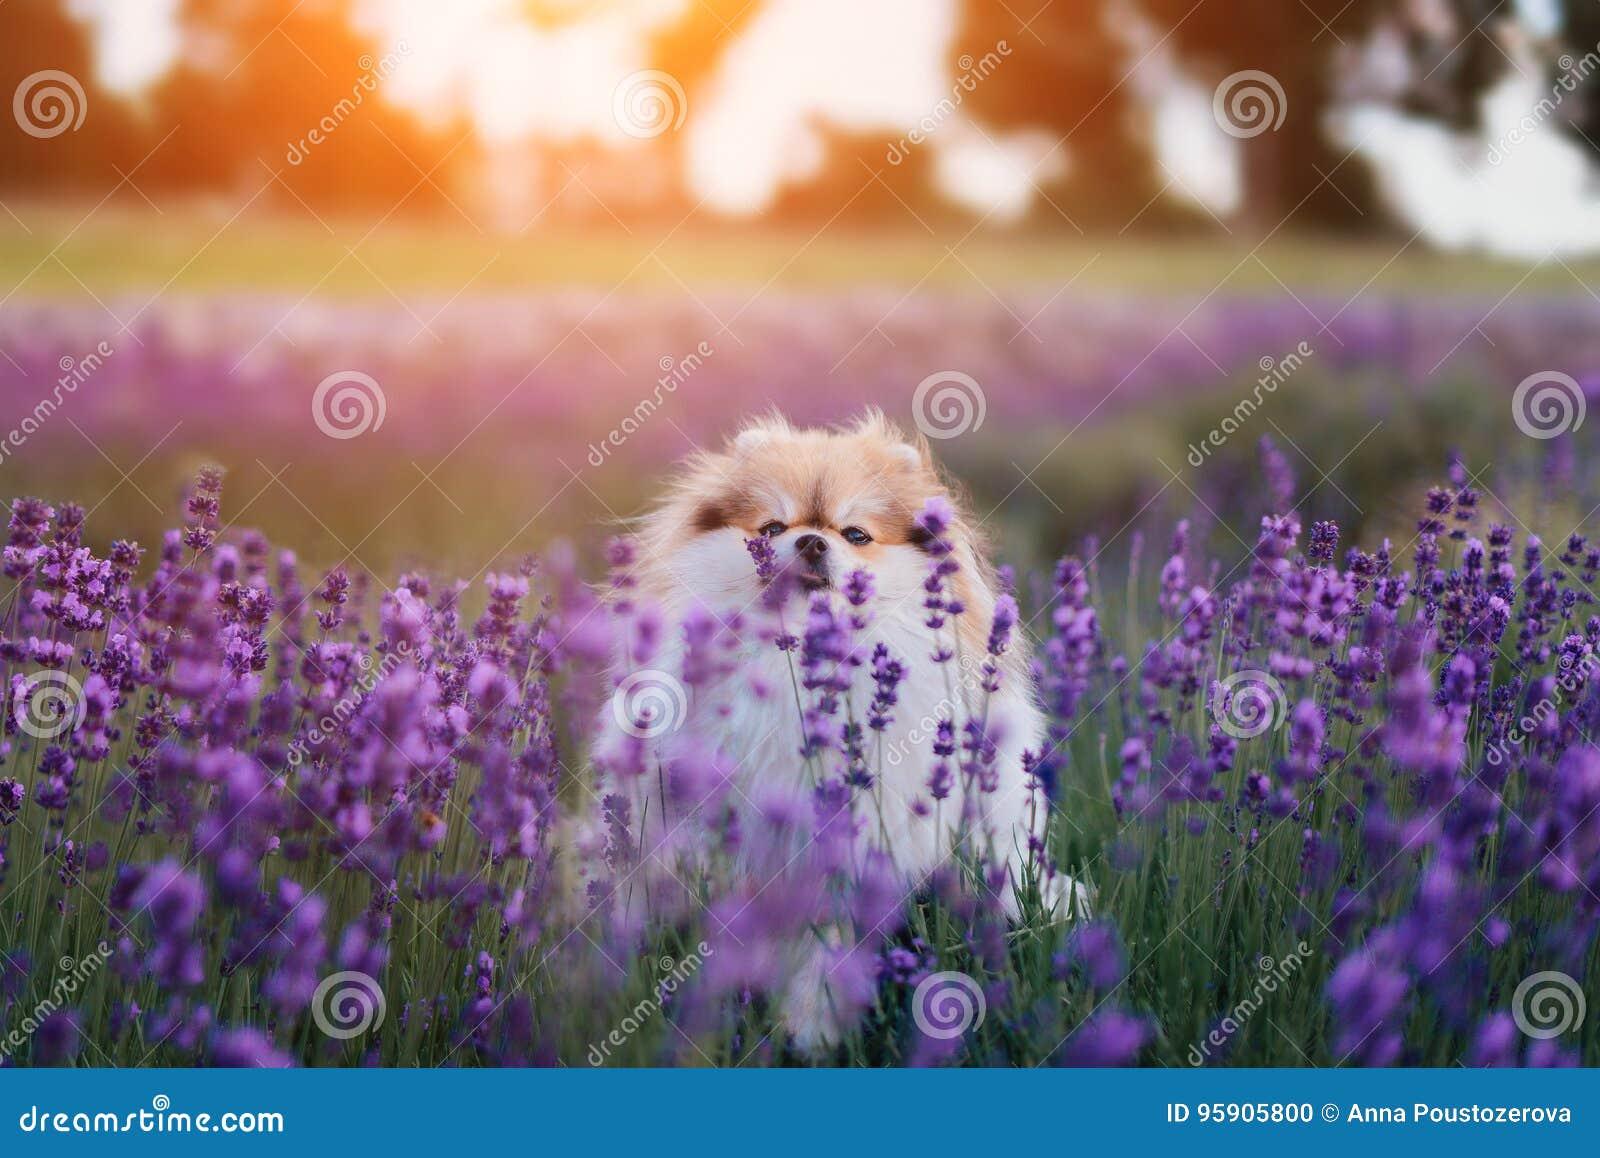 Kleiner flaumiger pomeranian Hund in einem heißen Sommer mit Lavendelfeld